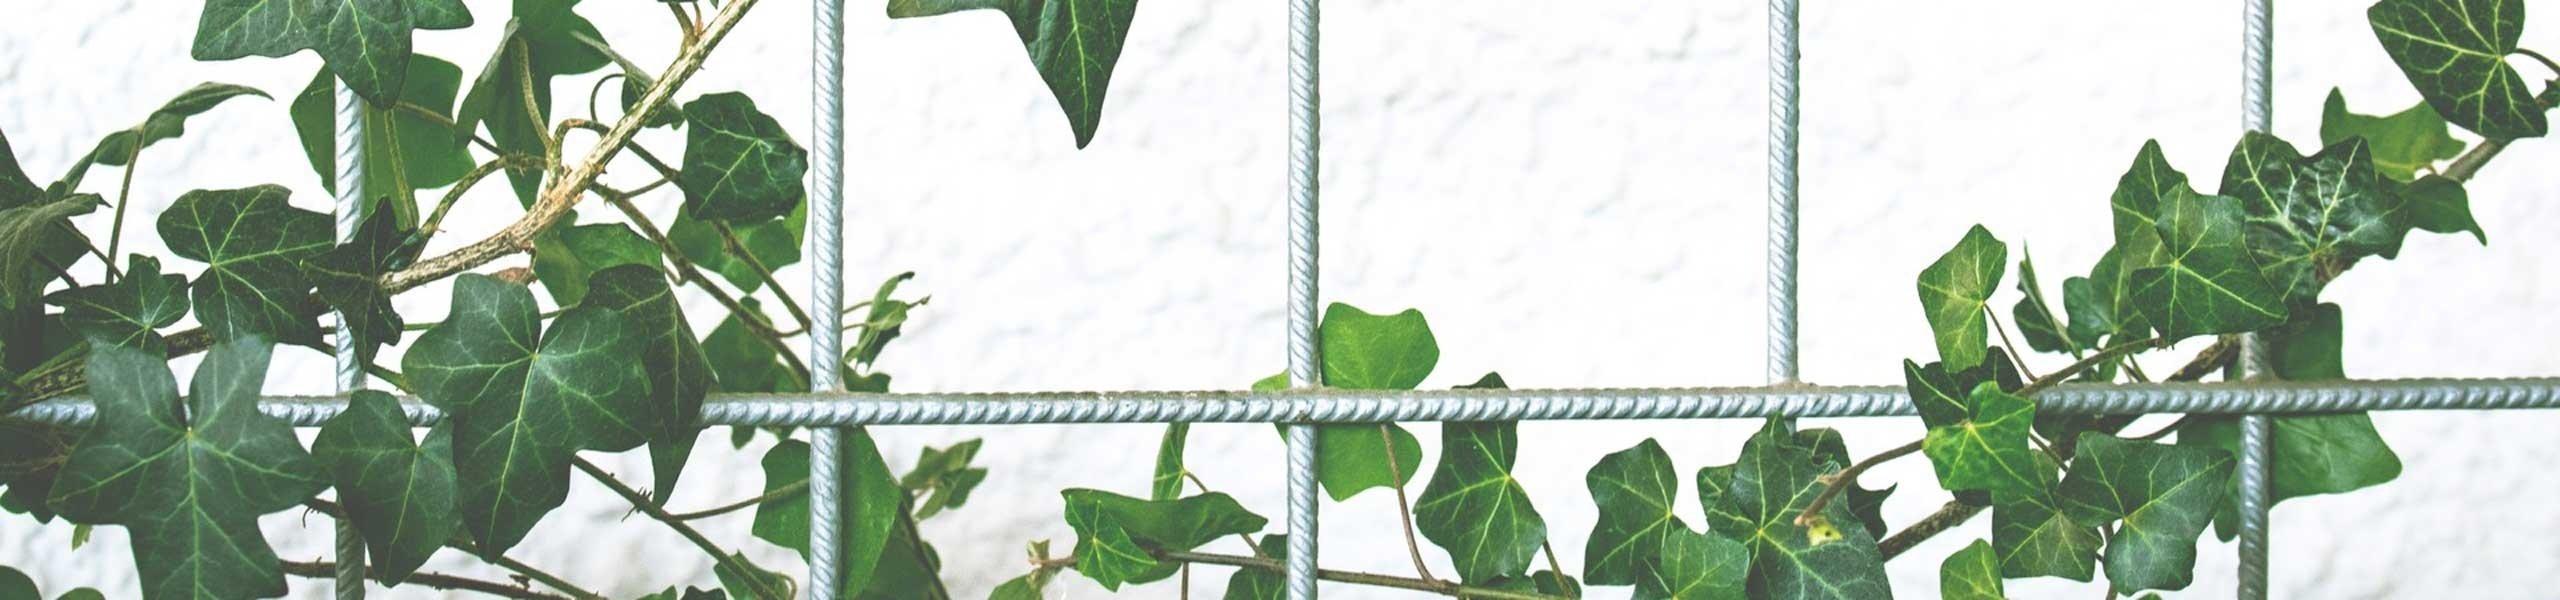 Structures métalliques pour jardin